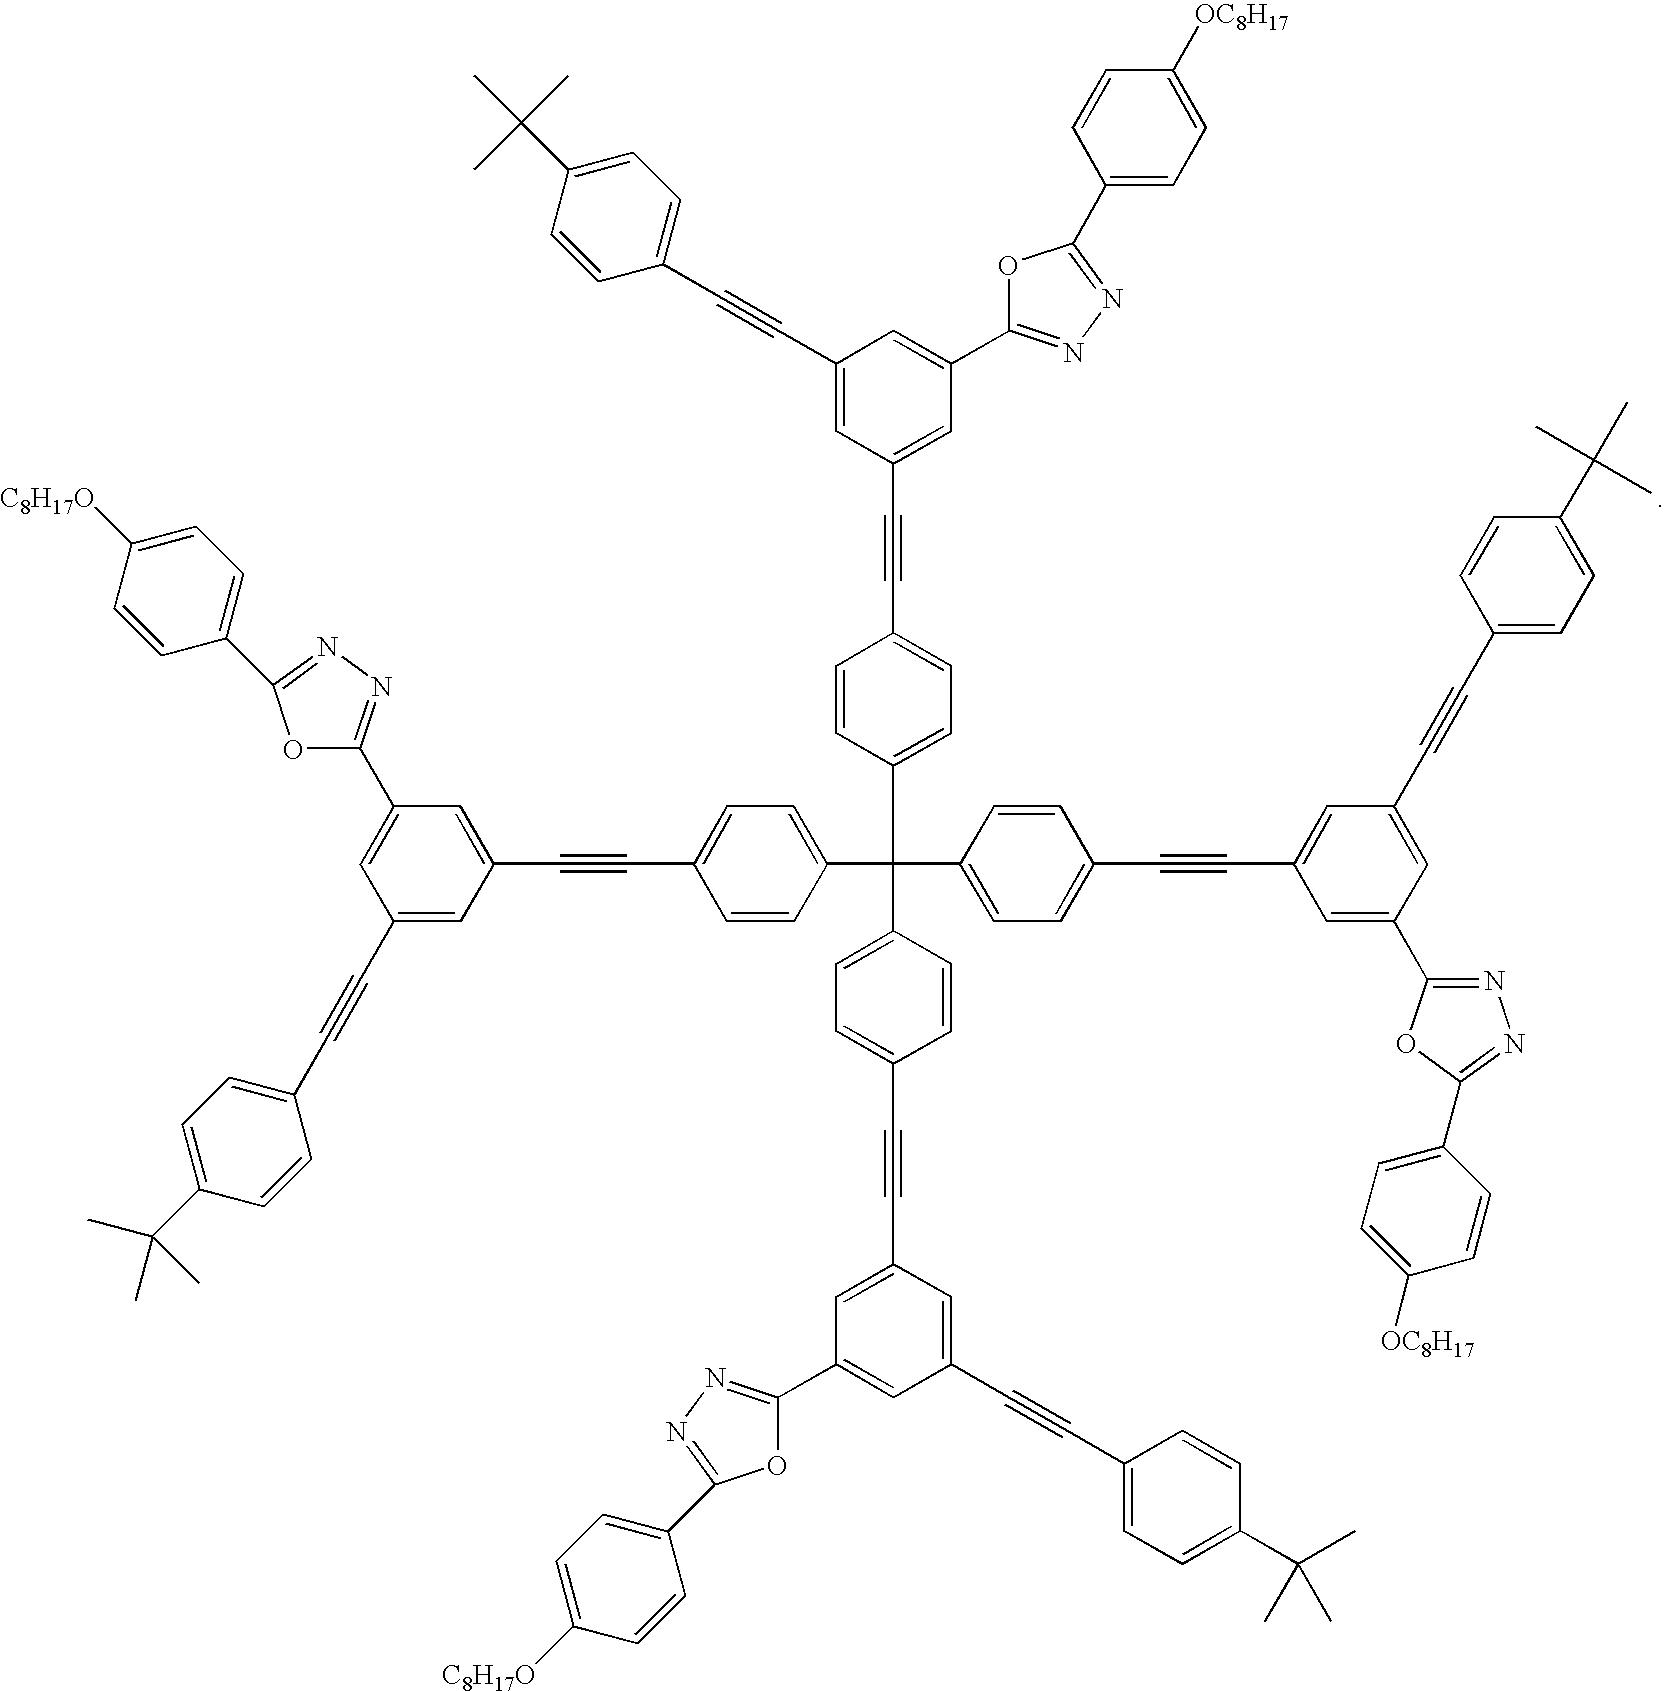 Figure US20070107835A1-20070517-C00044